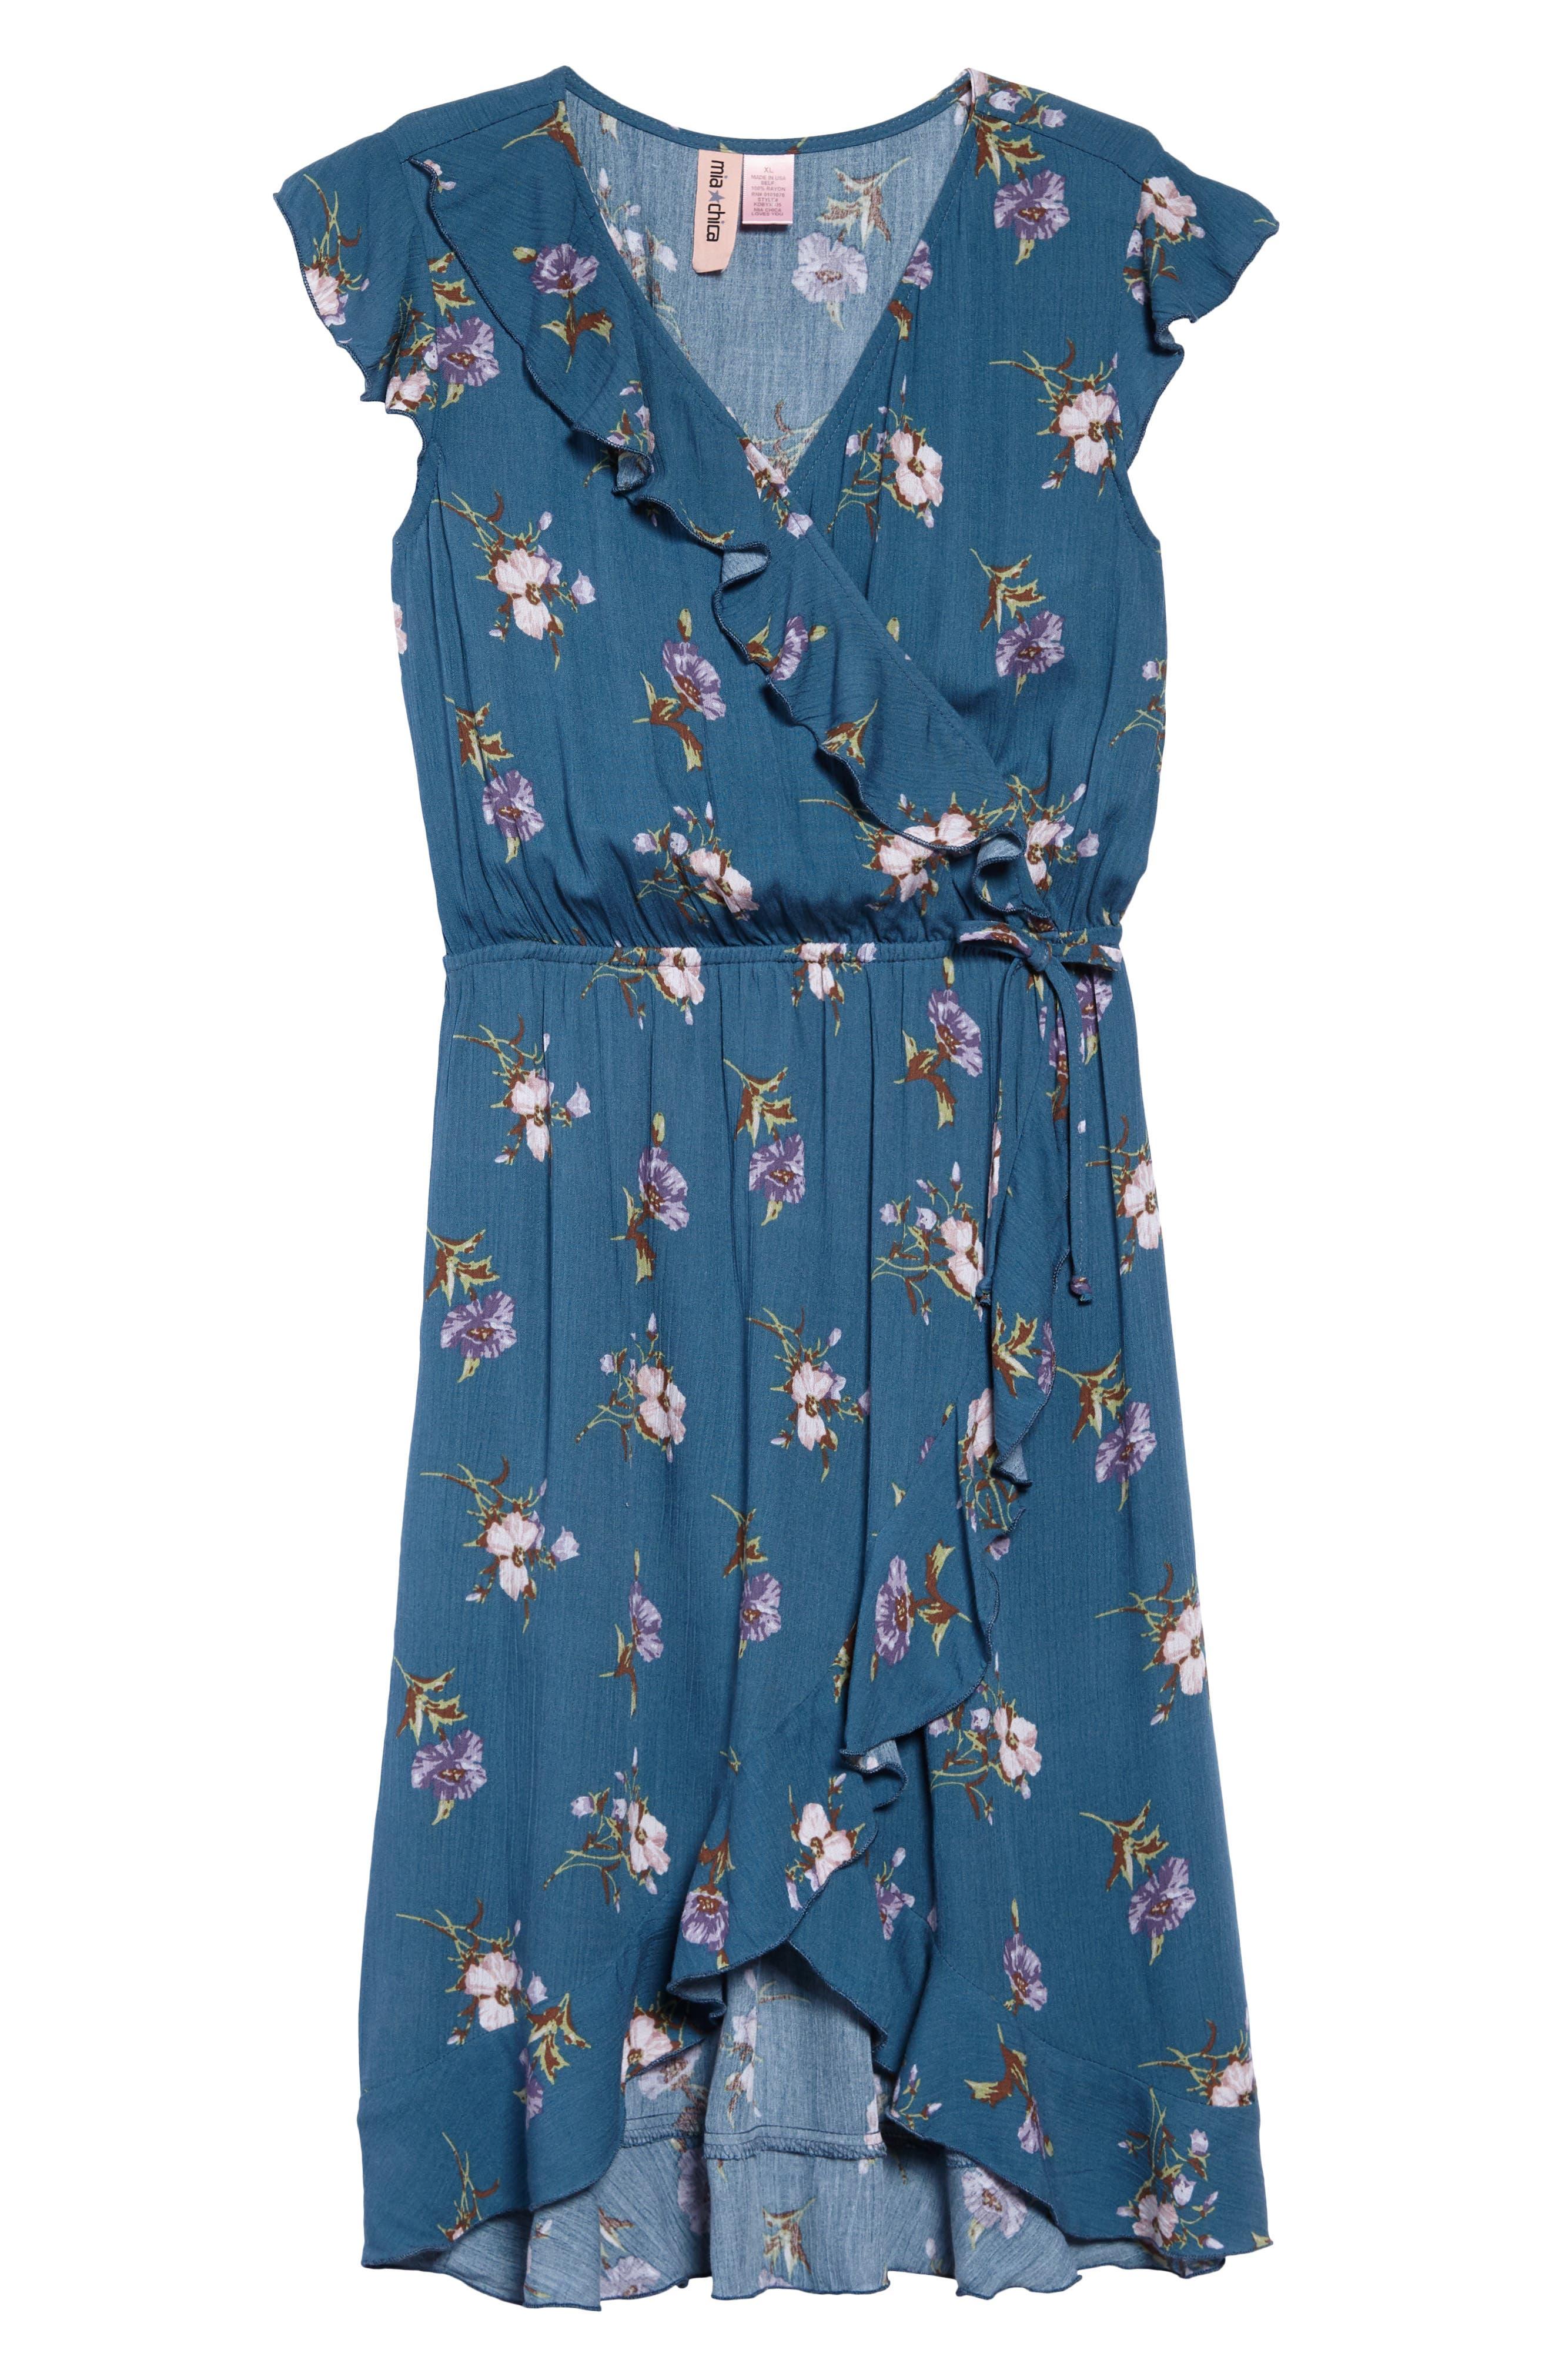 Floral Wrap Dress,                             Main thumbnail 1, color,                             Blue Multi